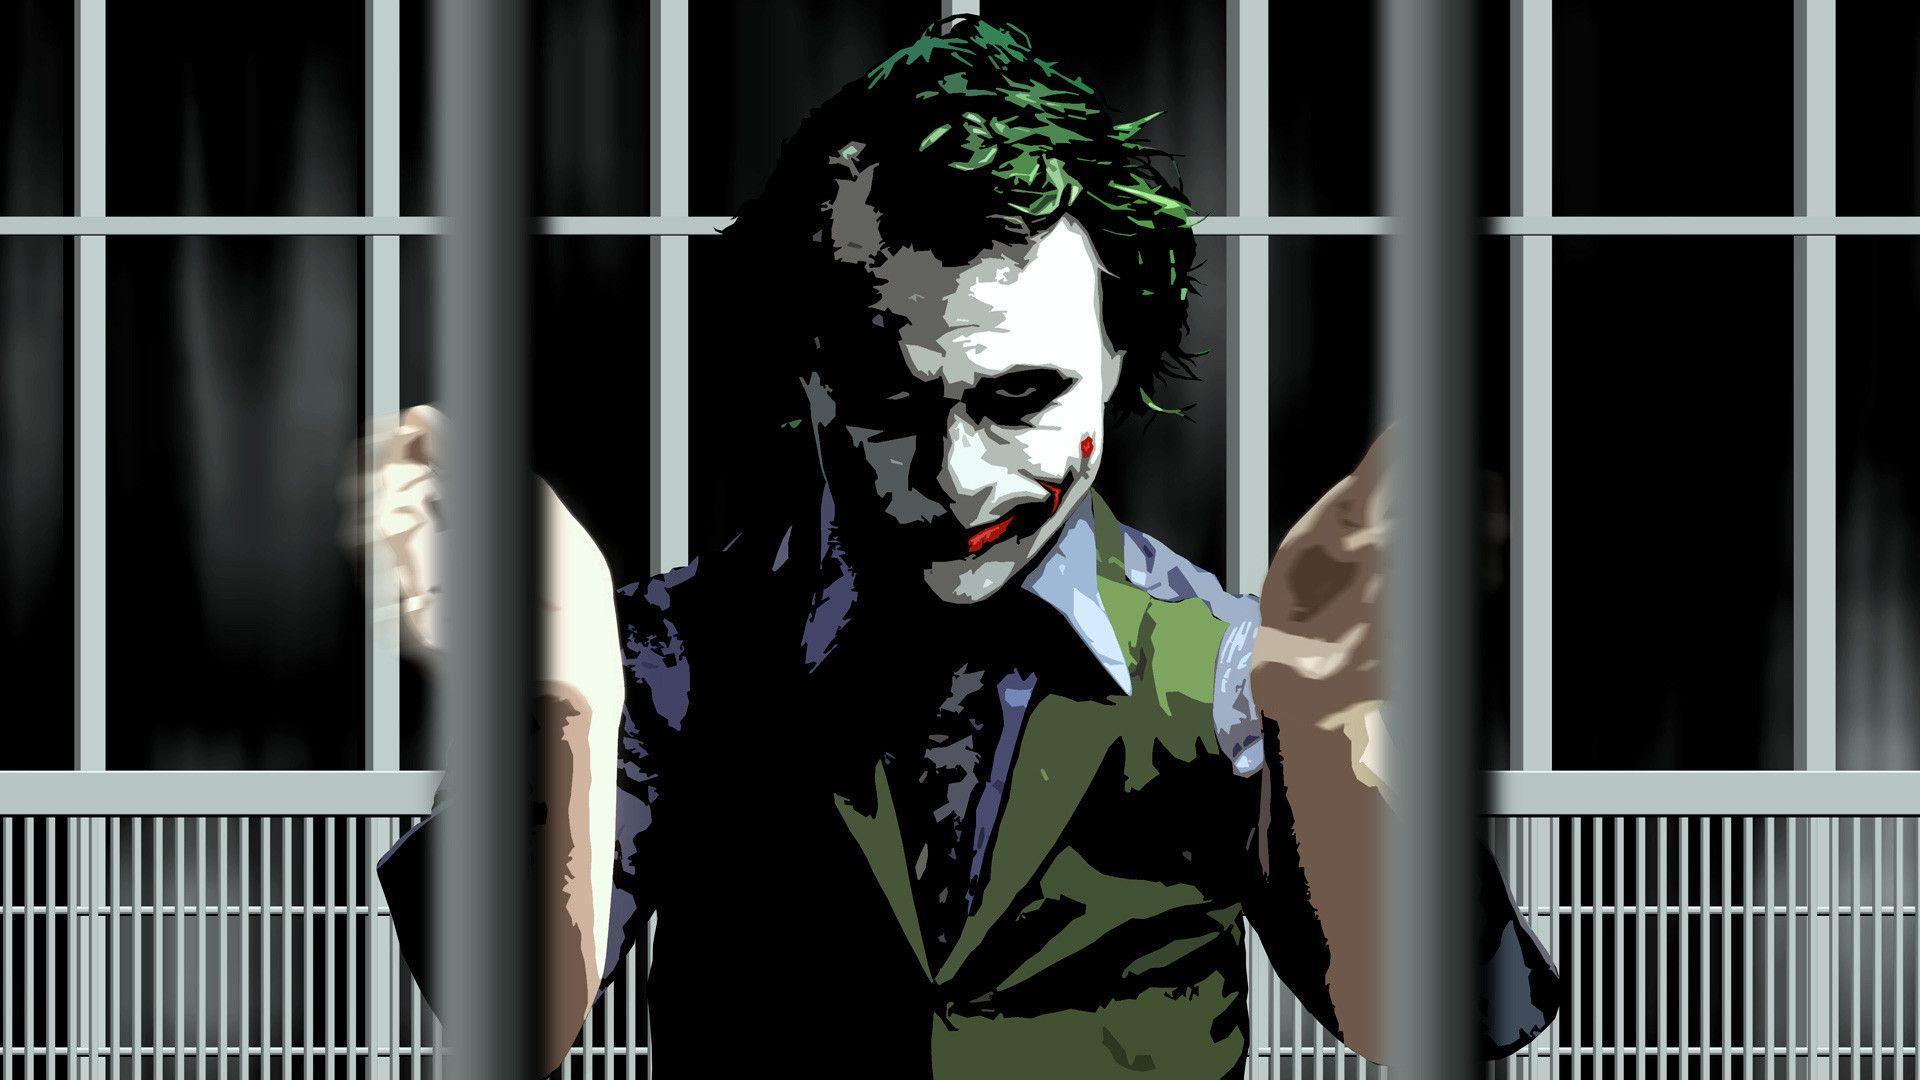 Joker The Dark Knight Wallpapers Wallpaper